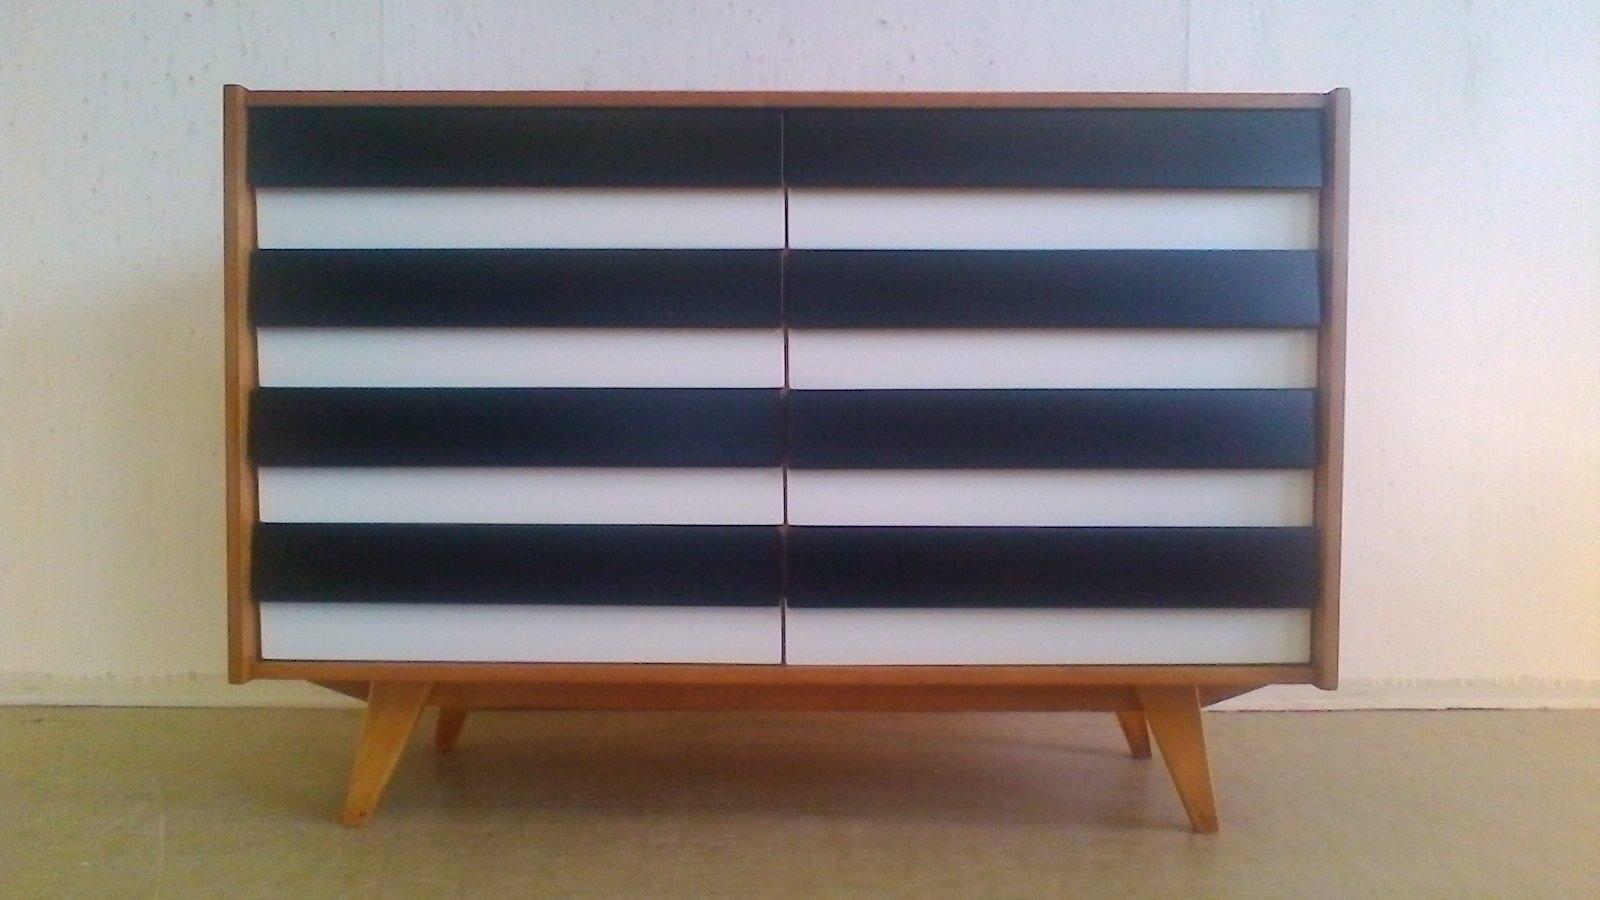 tschechische kommode in schwarz wei 1960er bei pamono kaufen. Black Bedroom Furniture Sets. Home Design Ideas